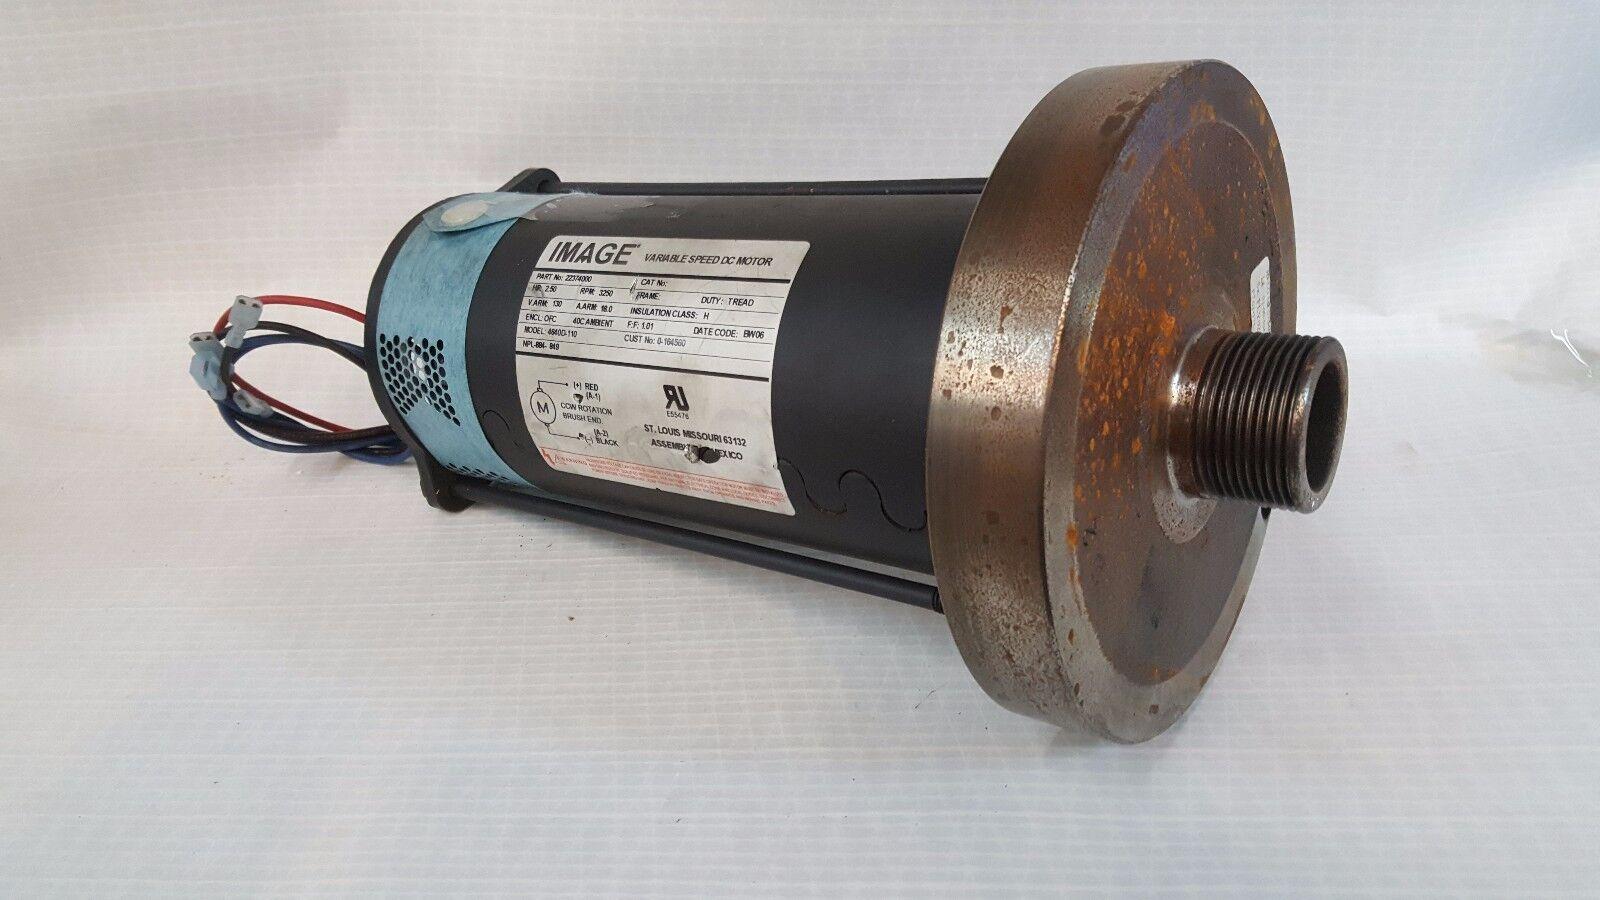 Used Treadmill Motor, Wind Turbine, Permanent Magnet, Image 223774000